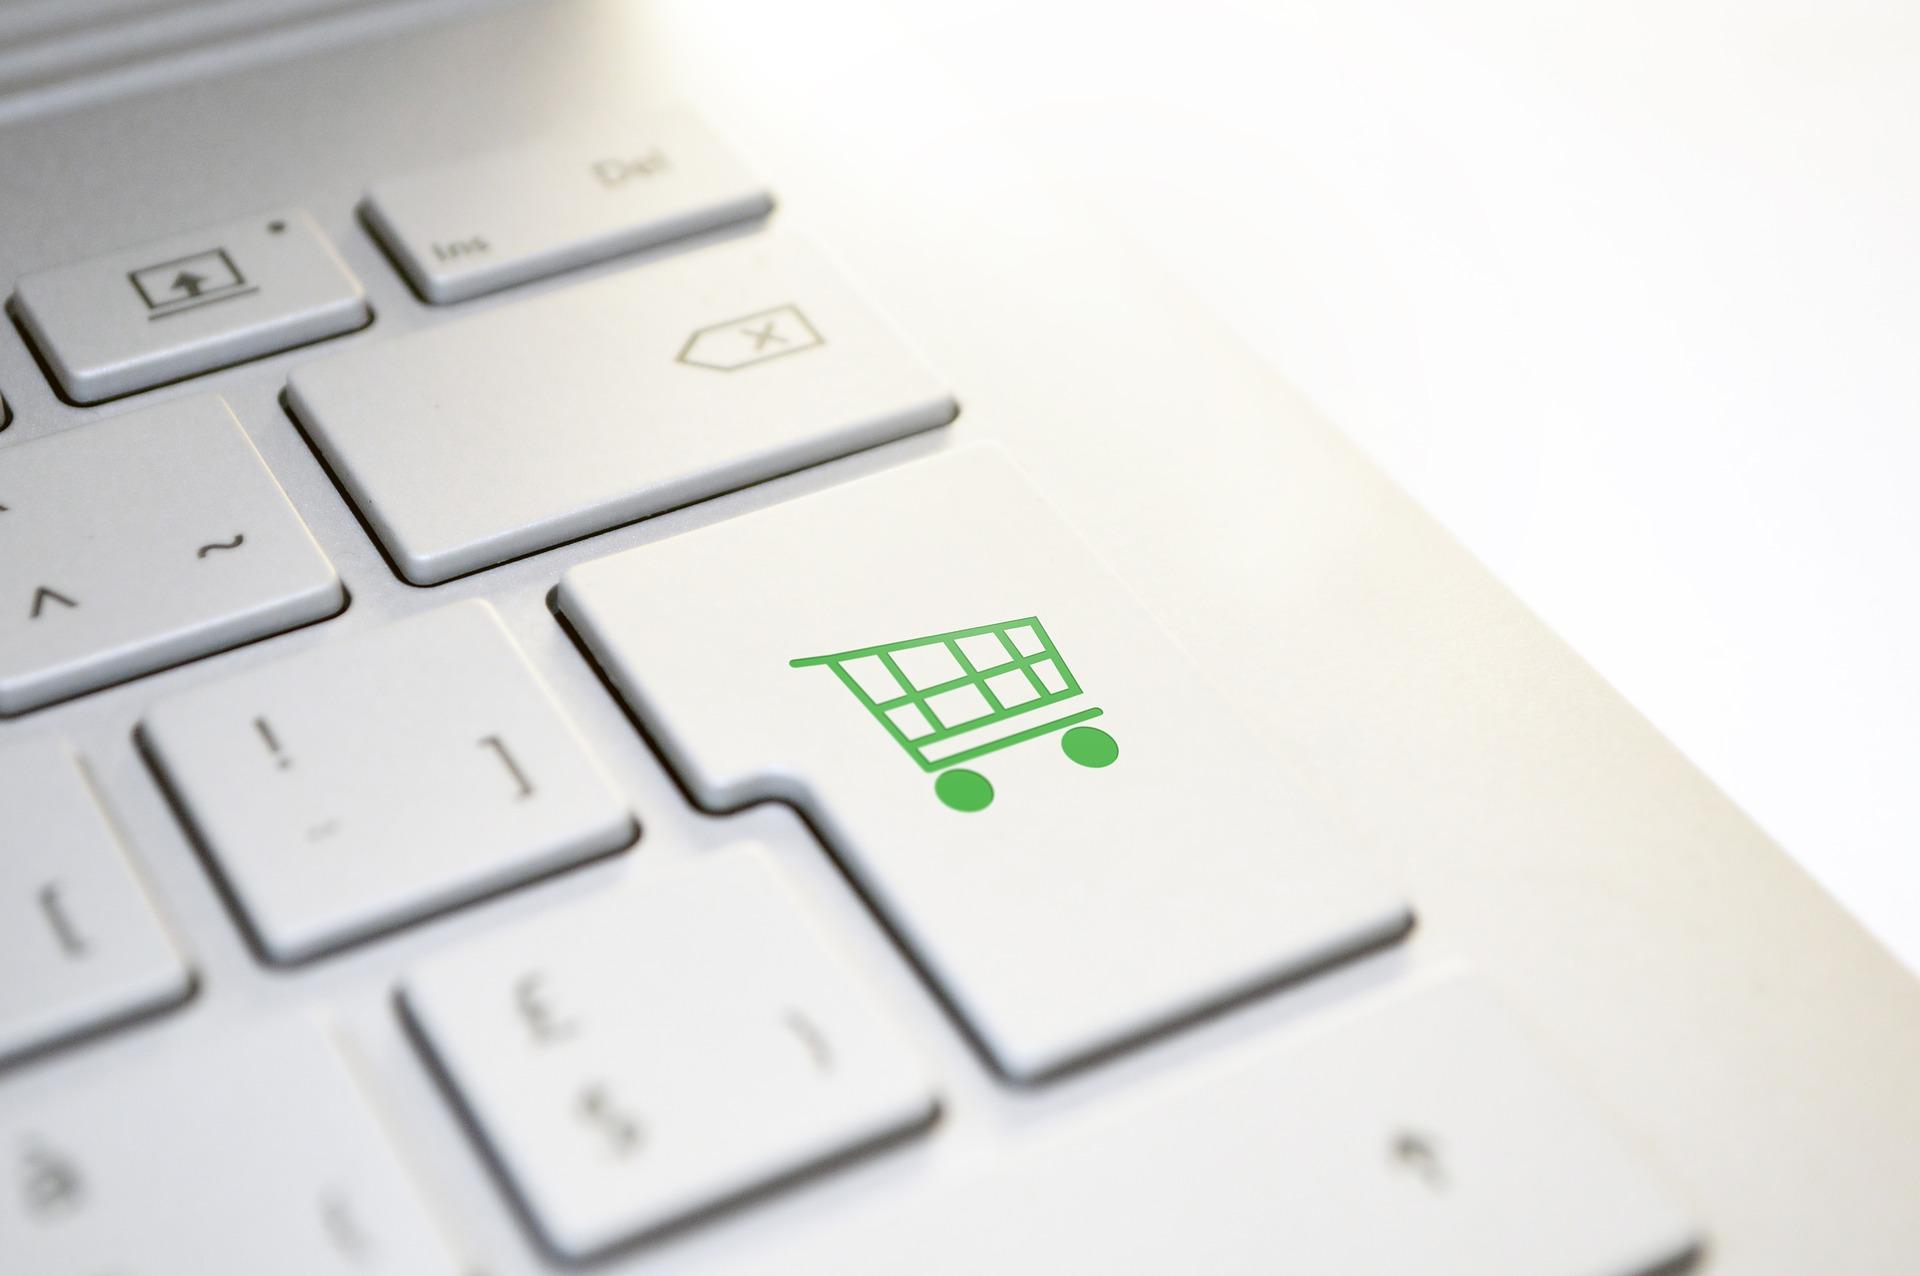 Vendite on line e concorrenza: esposto di Confesercenti all'Antitrust